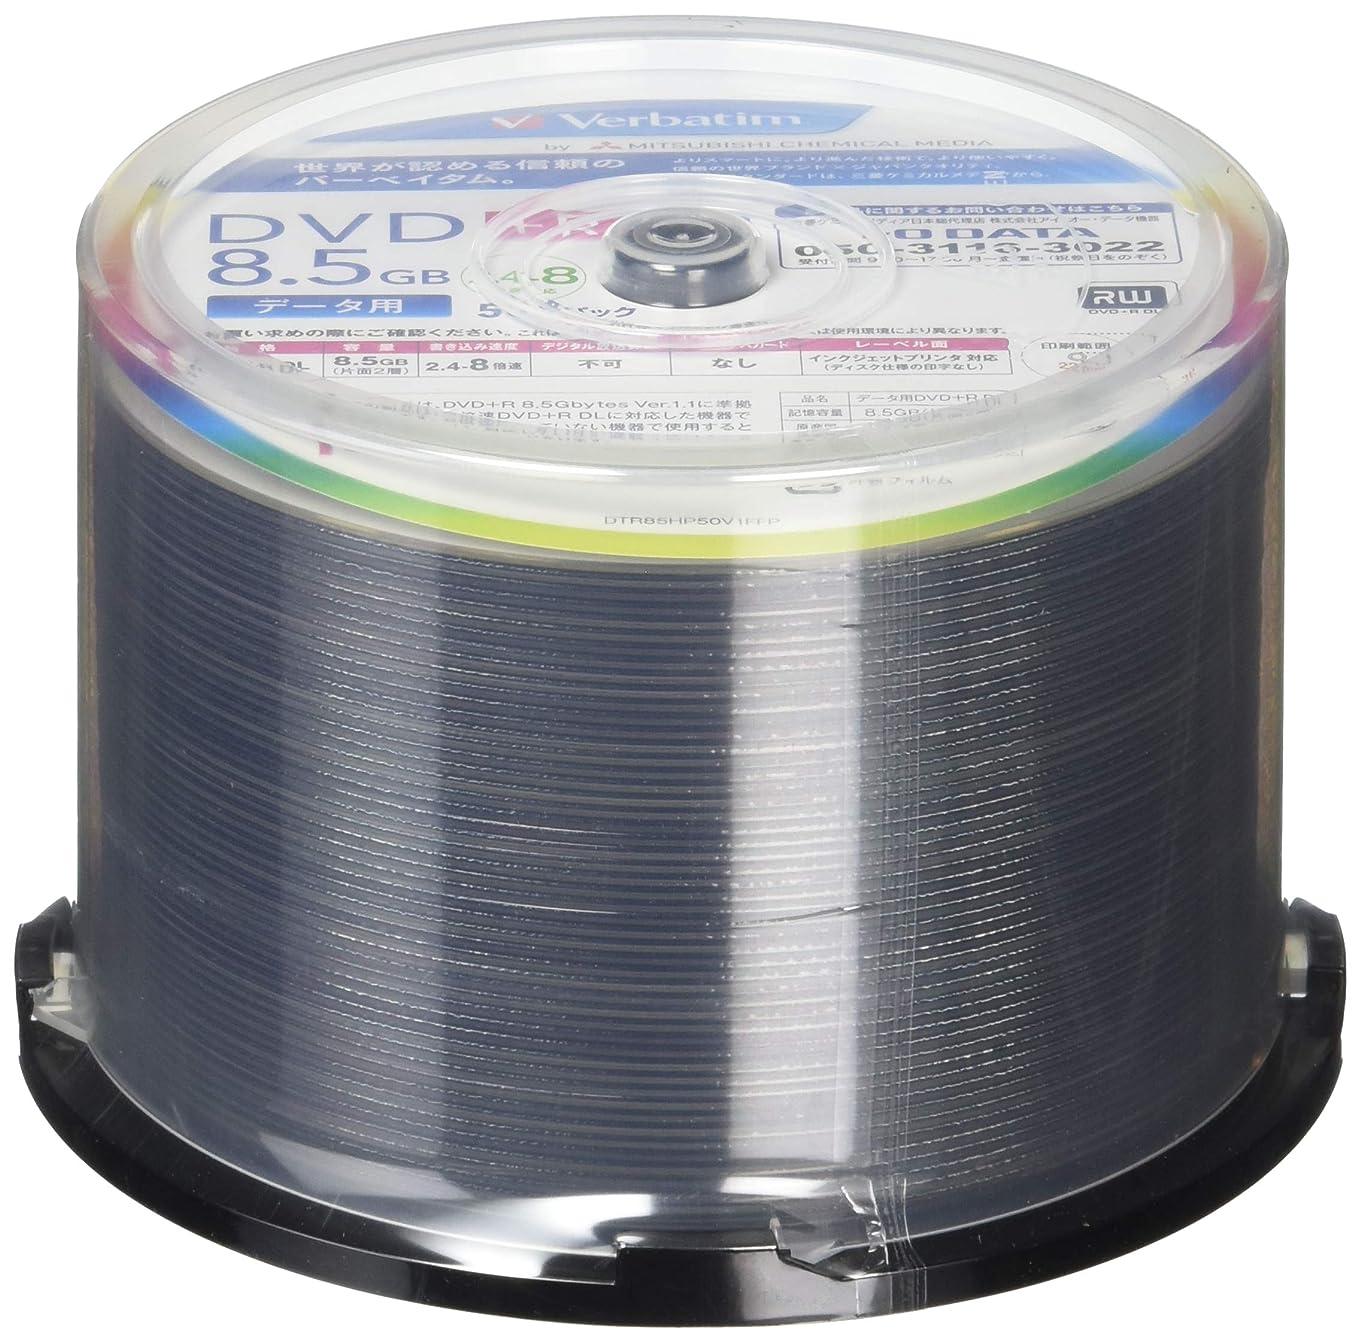 安らぎラッチ均等にHI-DISC データ用DVD+R HDD+R85HP50 (DL/8倍速/50枚 )